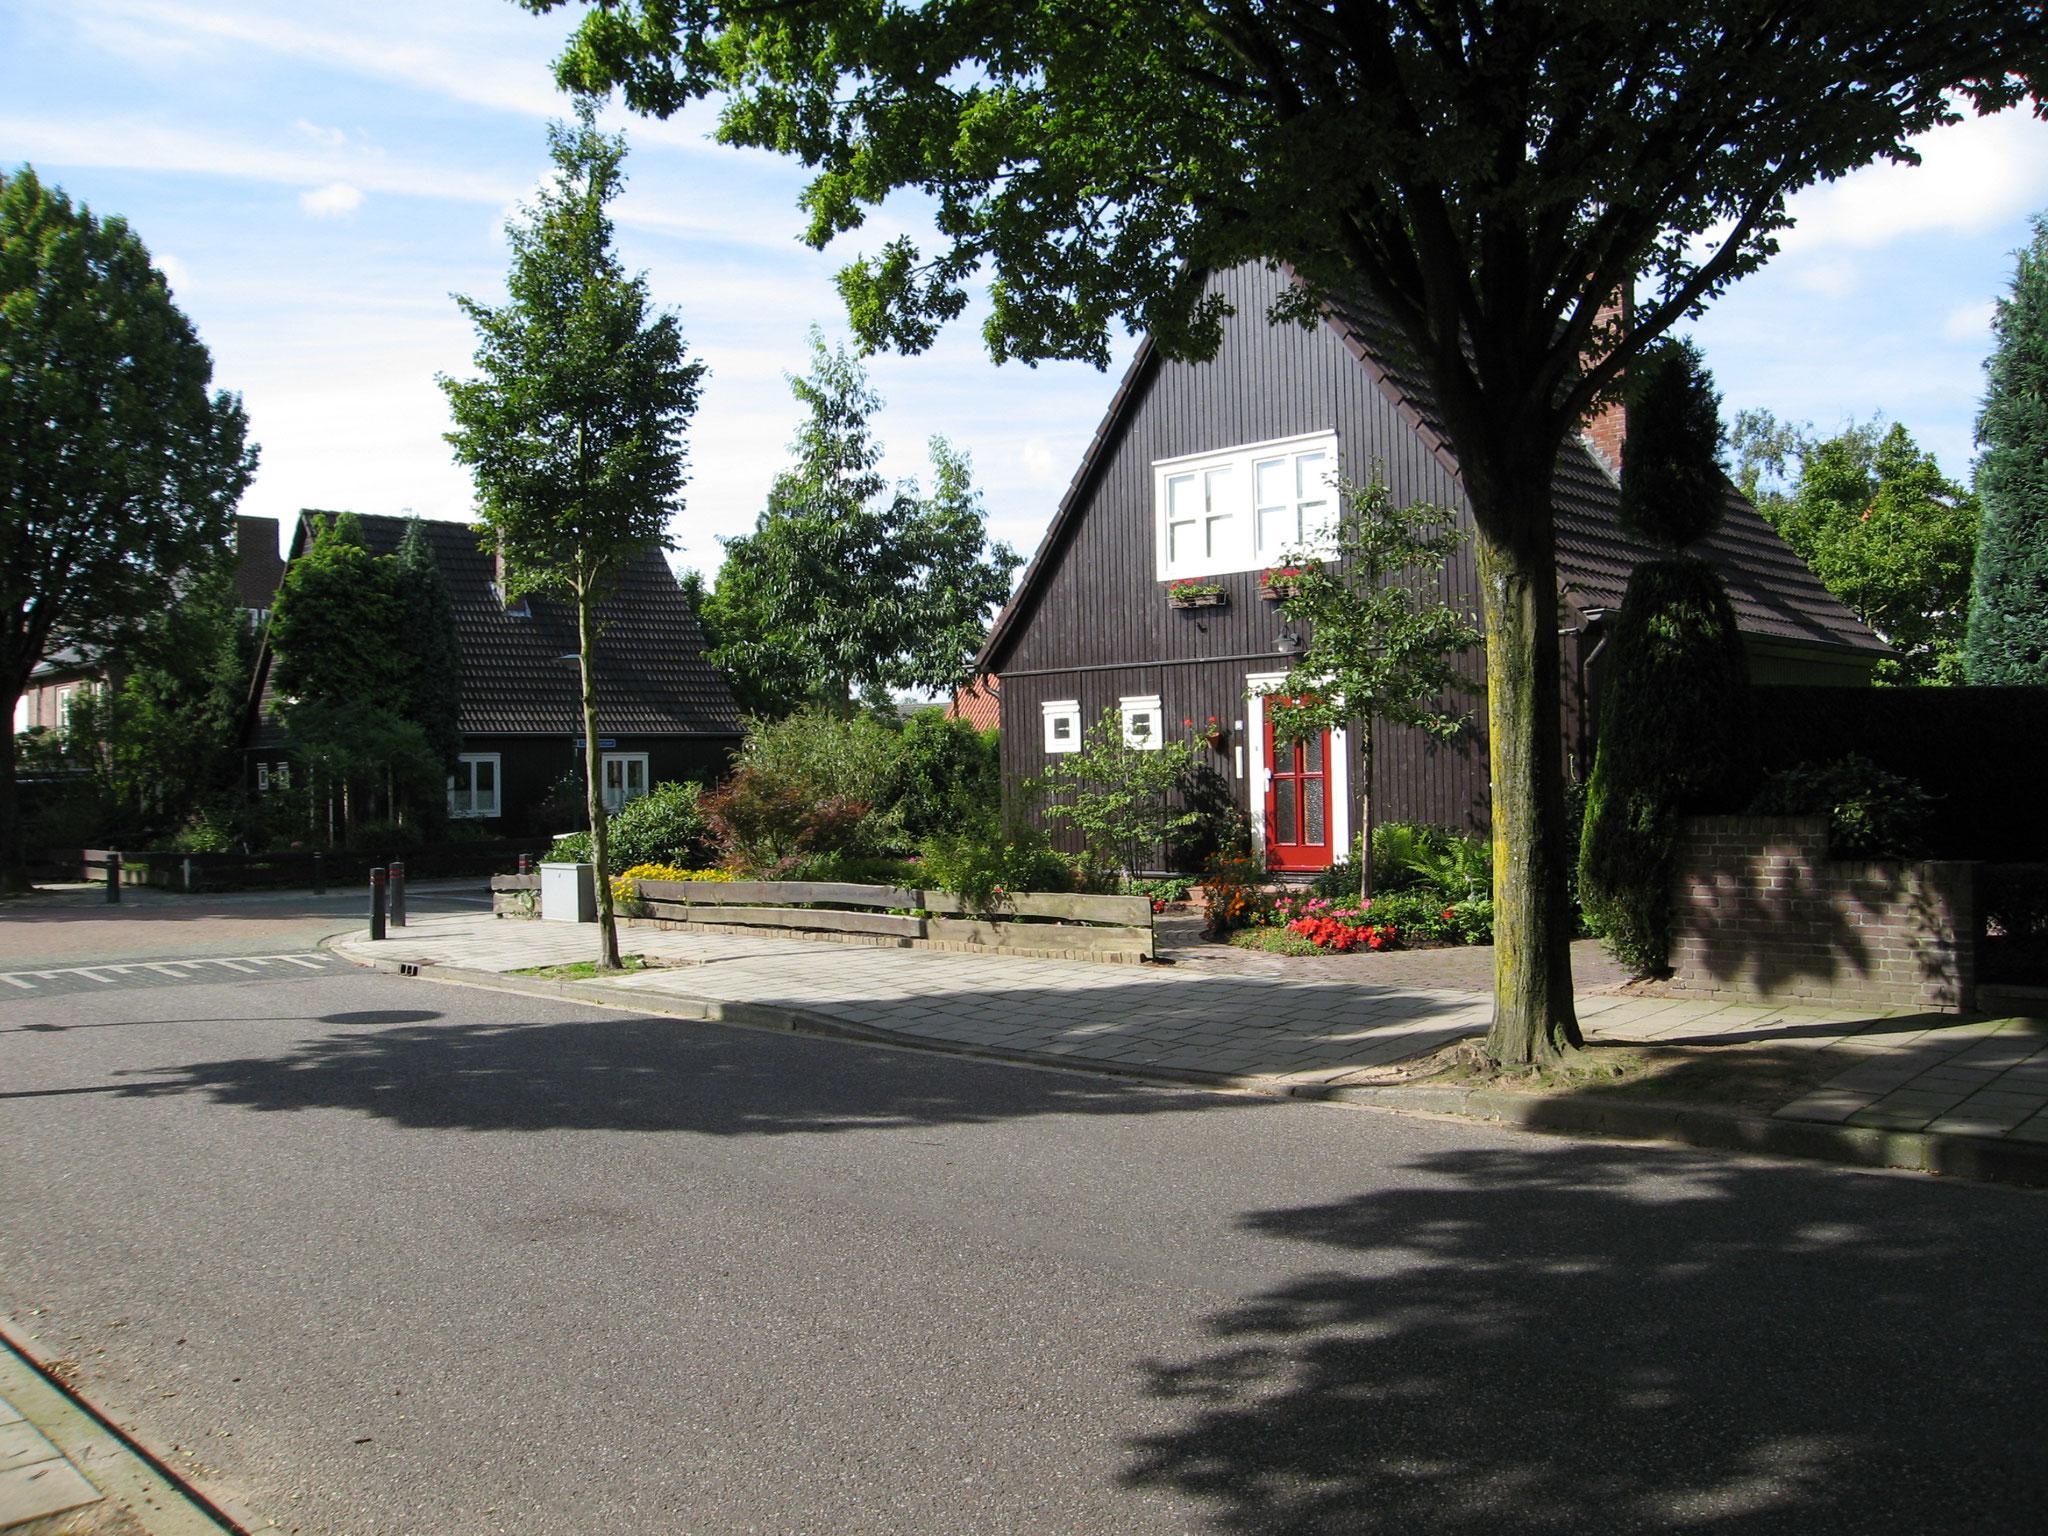 Houten Zweedse woningen aan de Mussenbroekstraat.